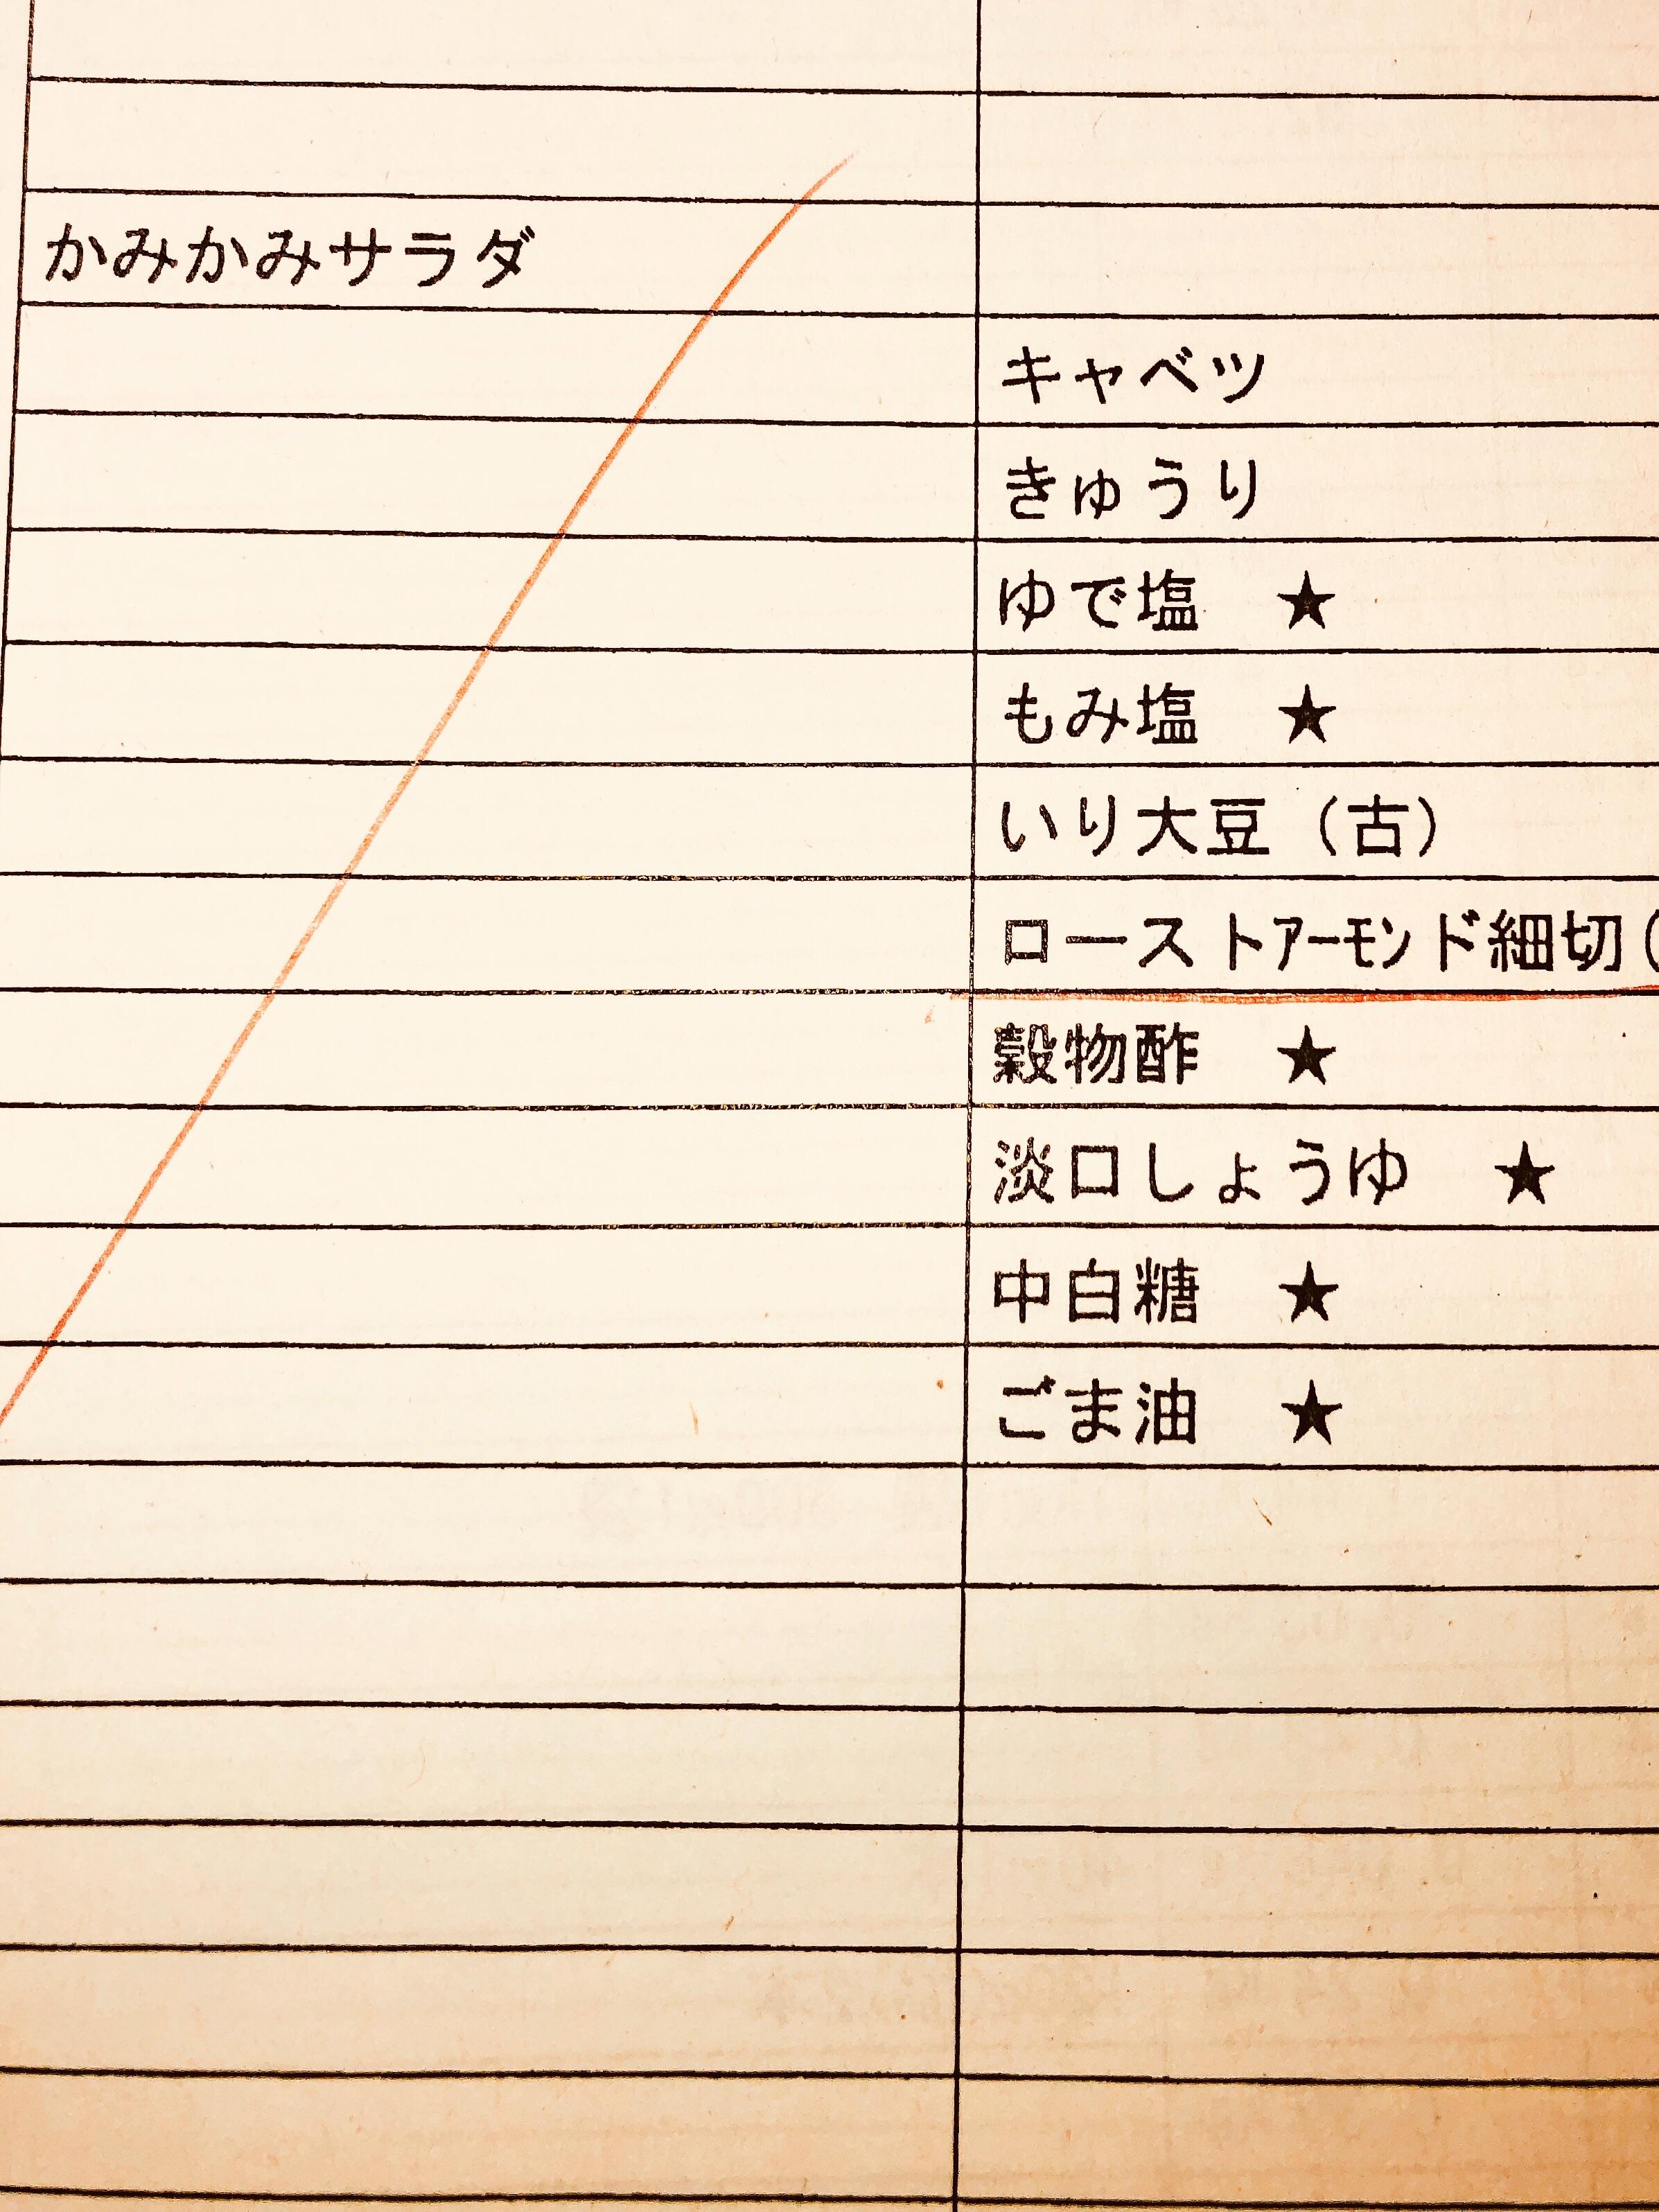 f:id:allergy_nagasakikko:20180607223802j:image